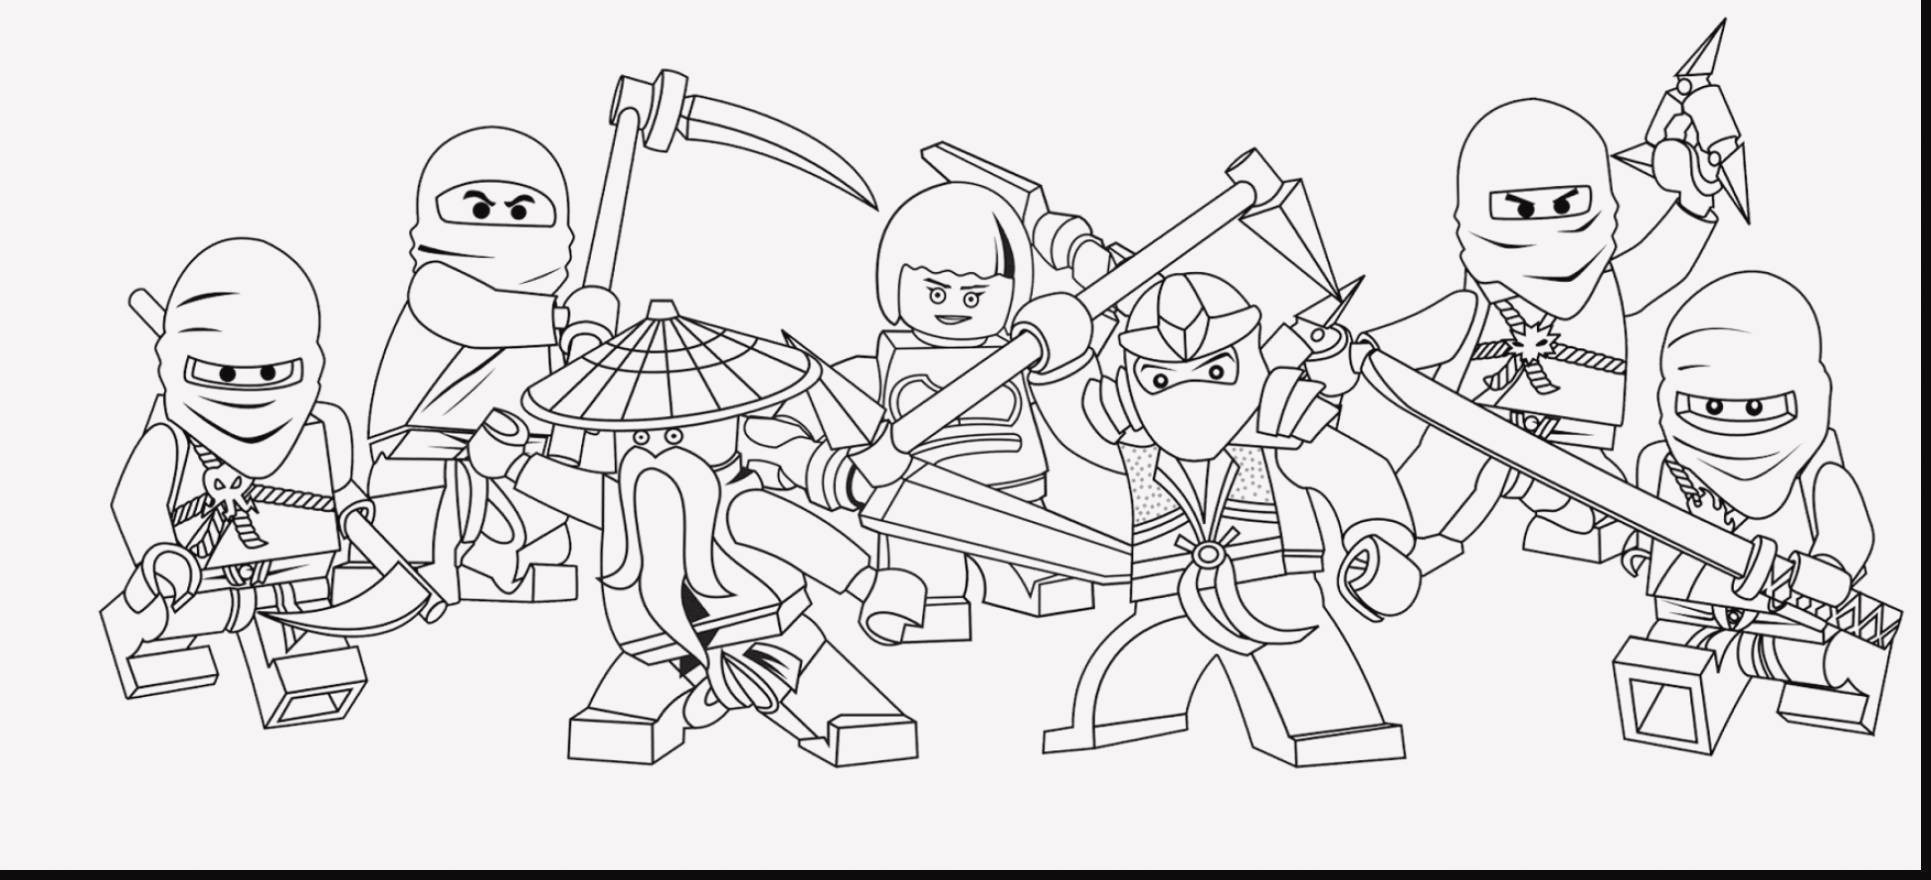 Lego Elves Drachen Ausmalbilder Frisch 25 Druckbar Ausmalbilder Ninjago Drachen Bilder